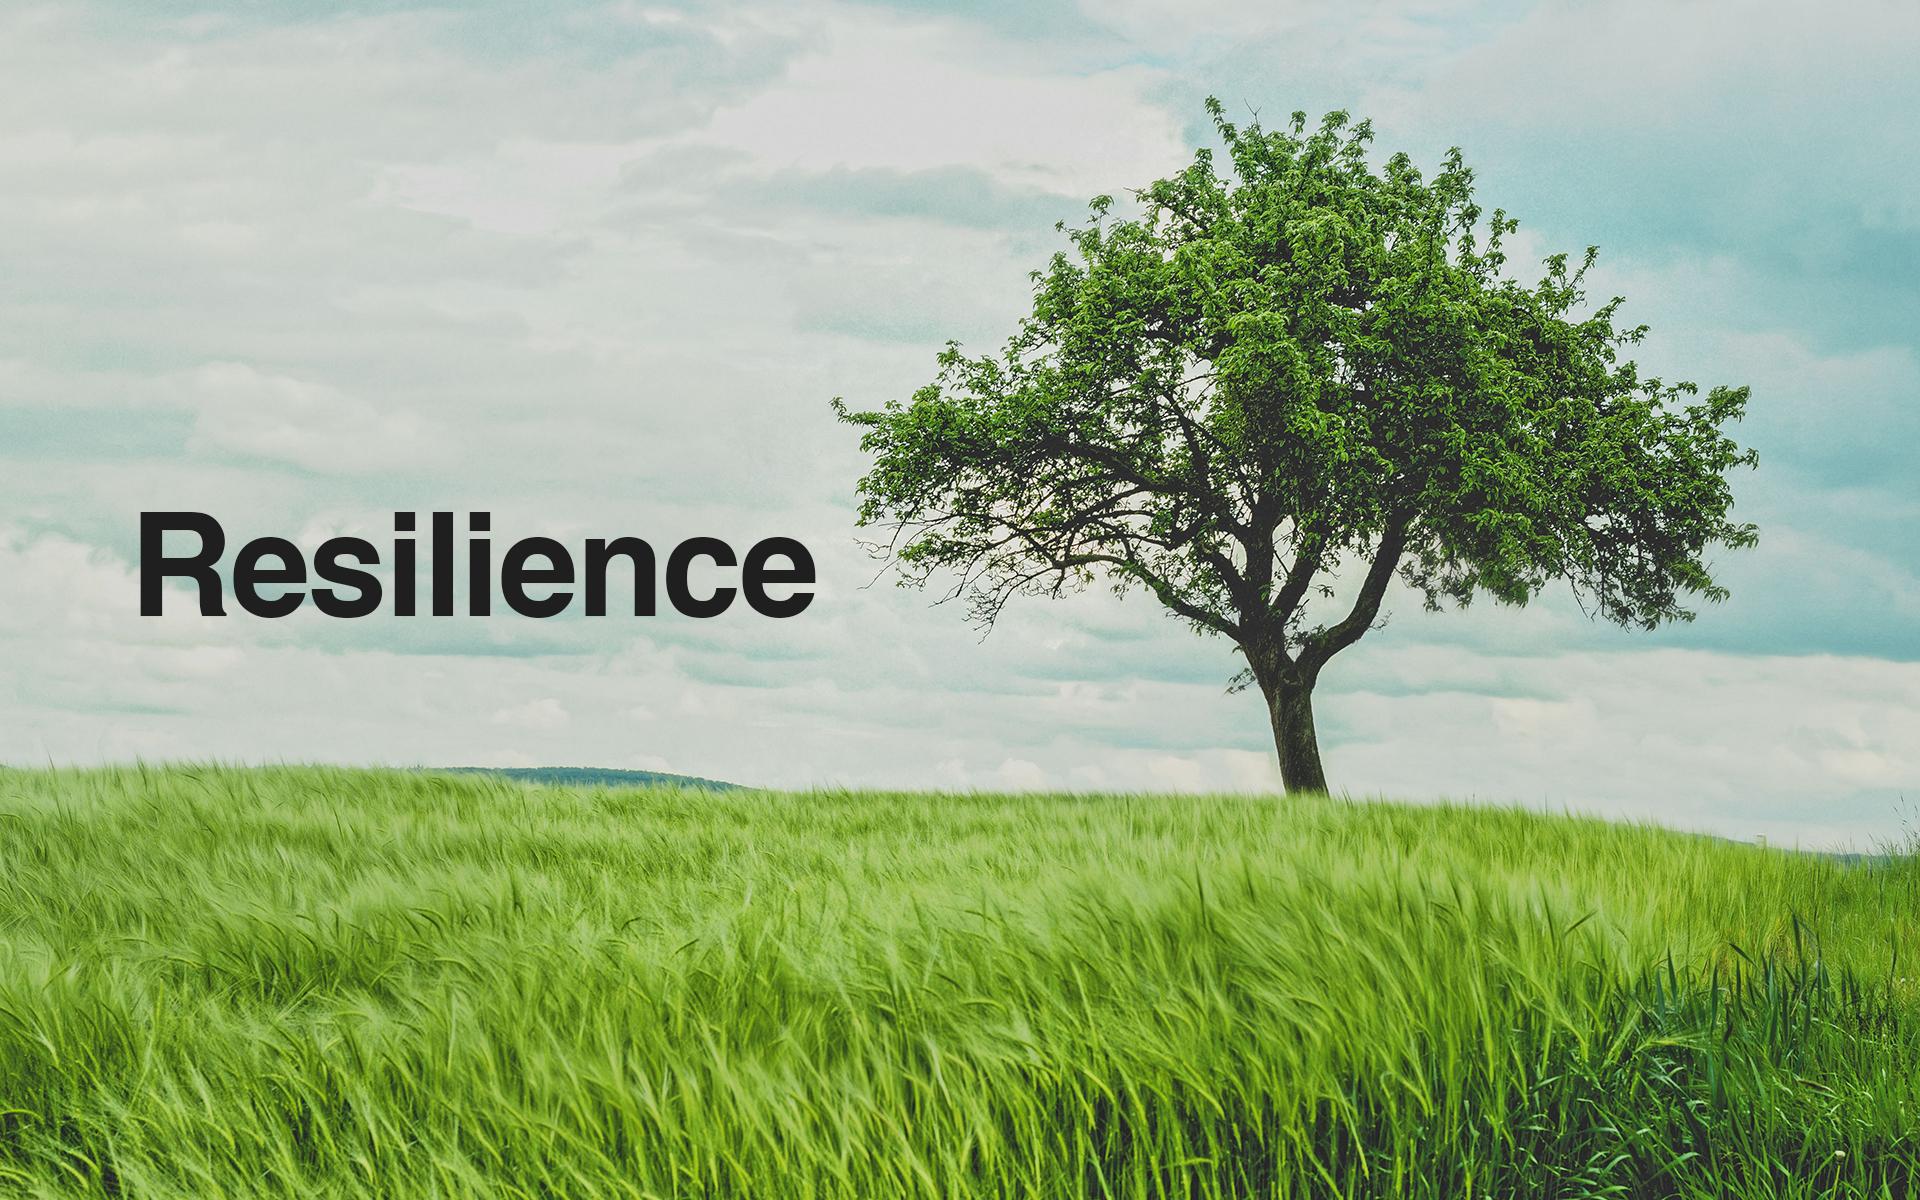 Resilience2.jpg